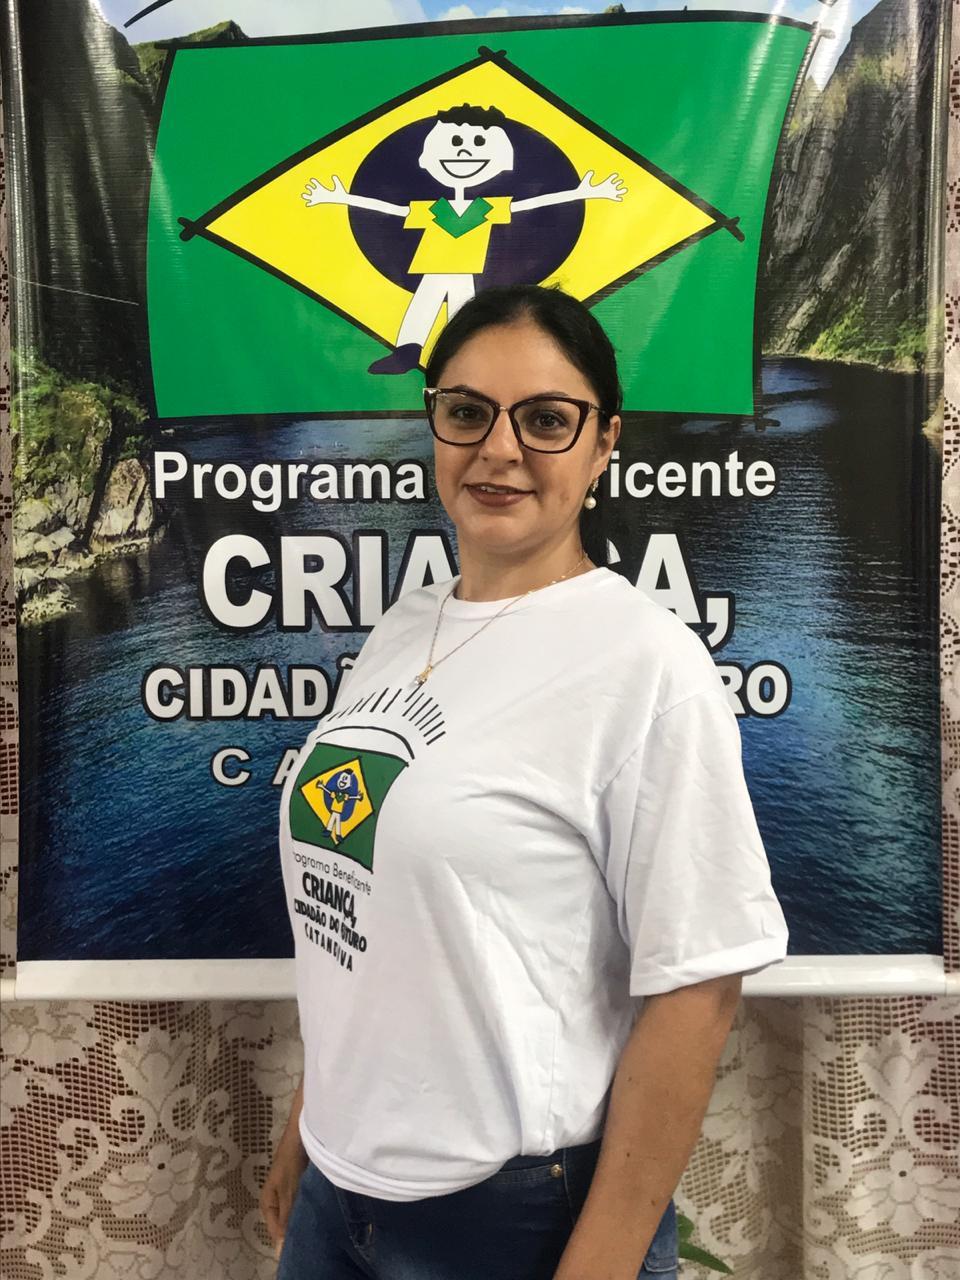 Keize Regina Bitazi Guimarães